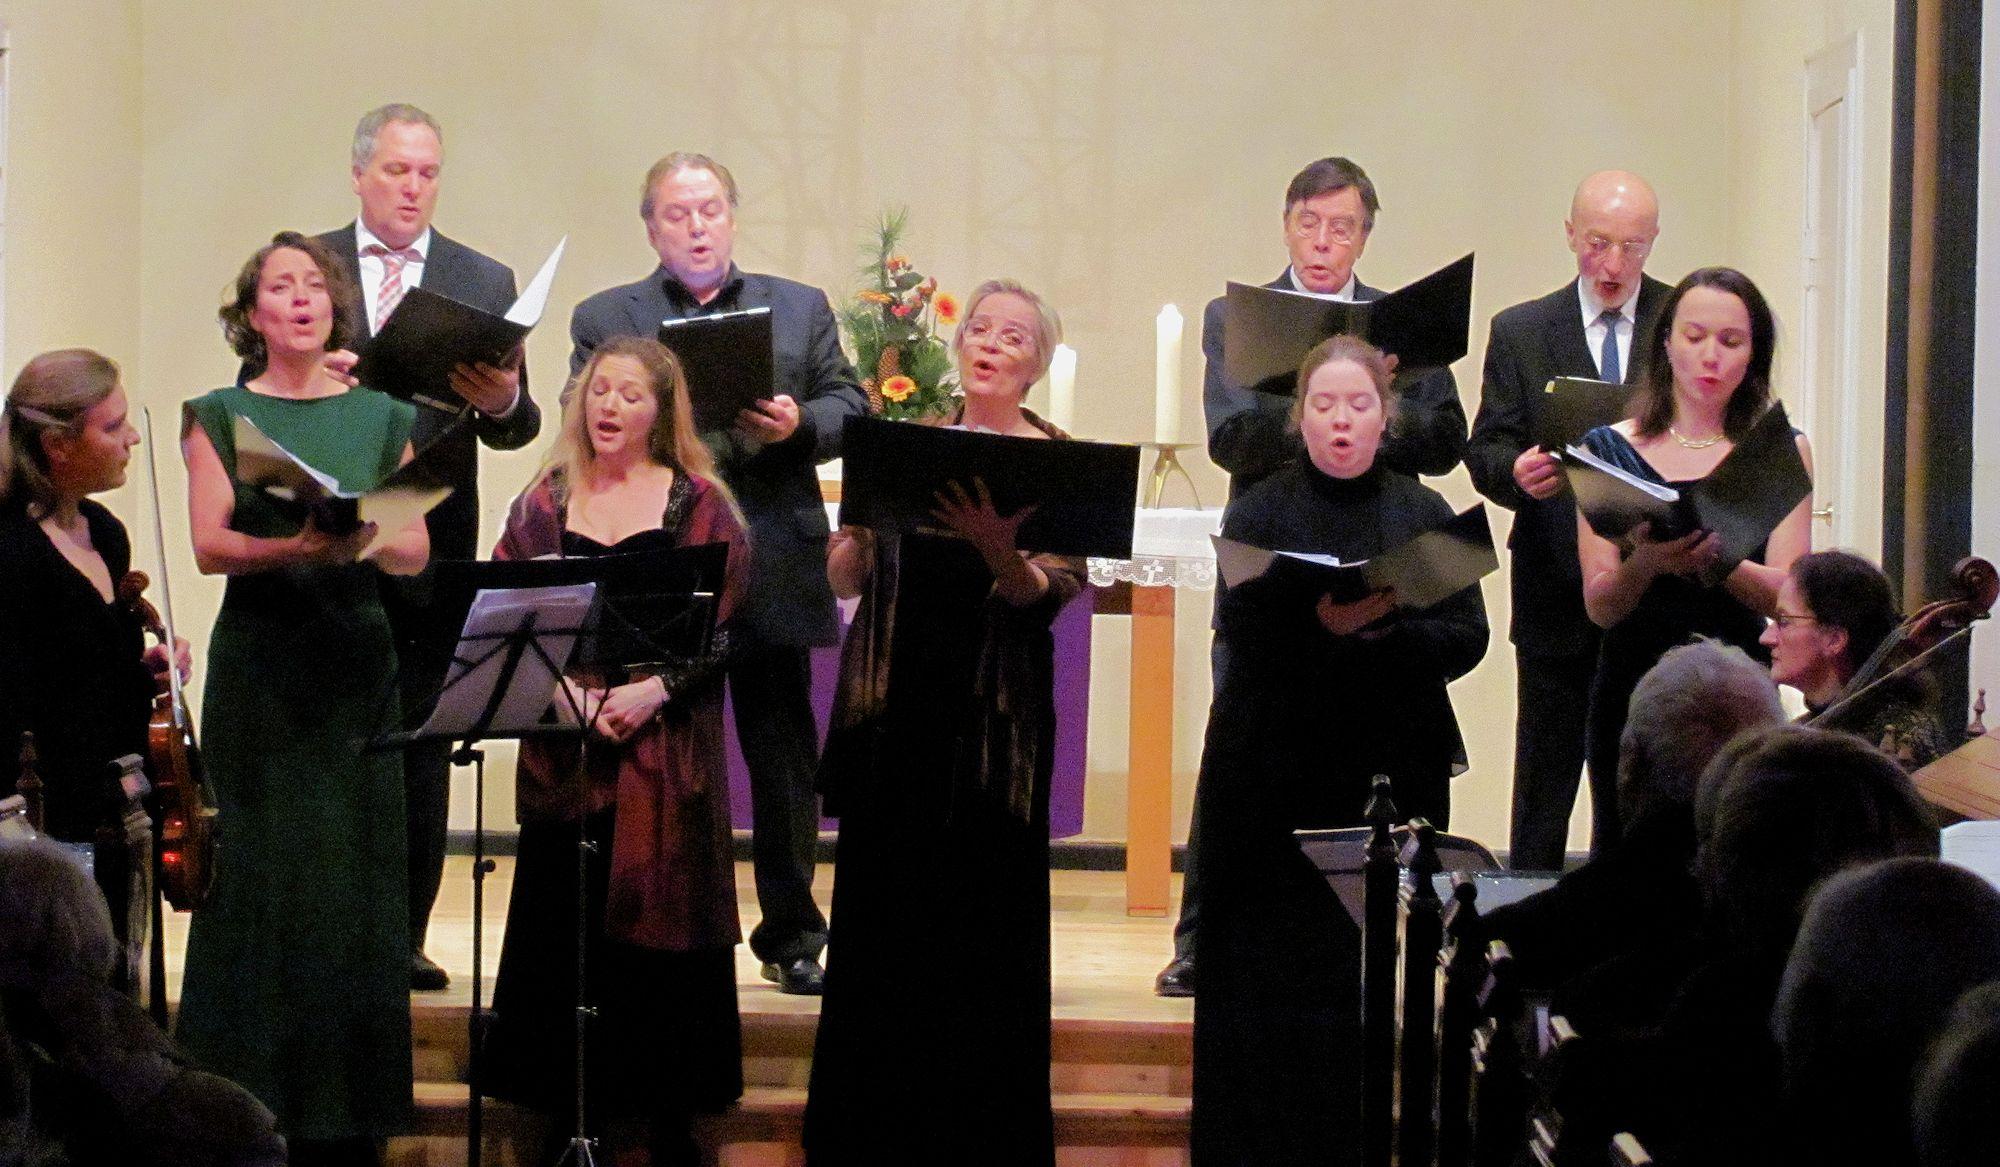 Weihnachts-Benefiz-Konzert mit Mitgliedern des Theaters Kiel